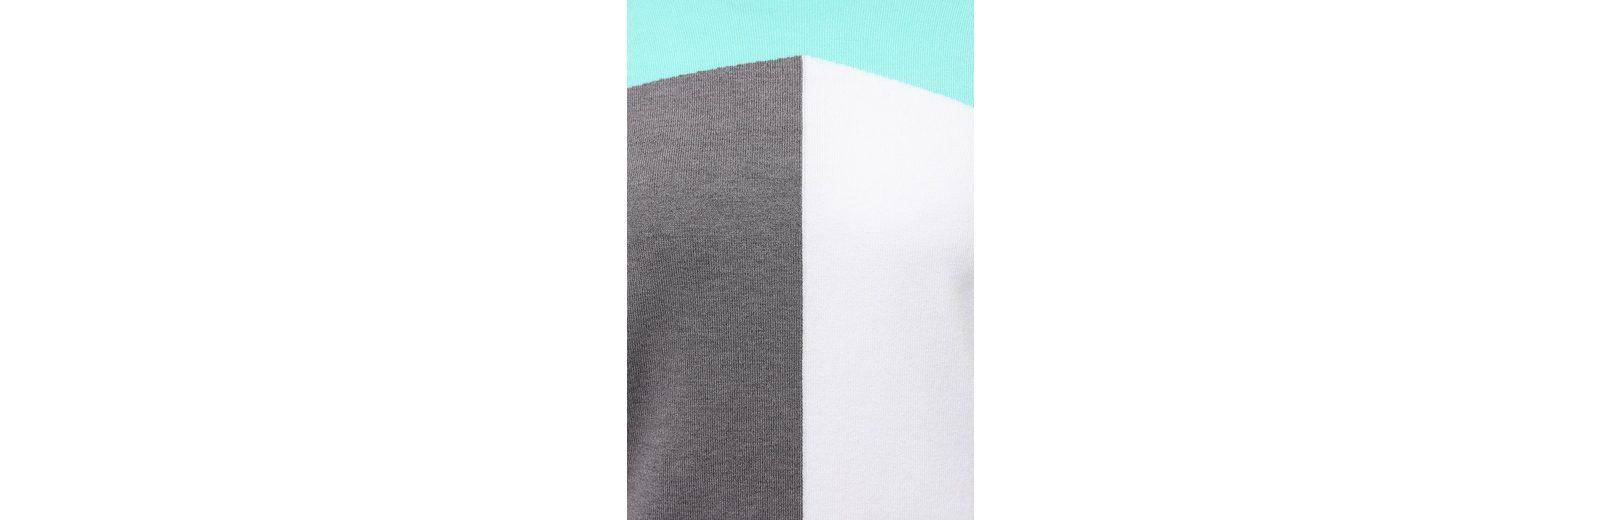 Finn Finn mit trendigem Blocking Color Flare Pullover Flare Irrpxf